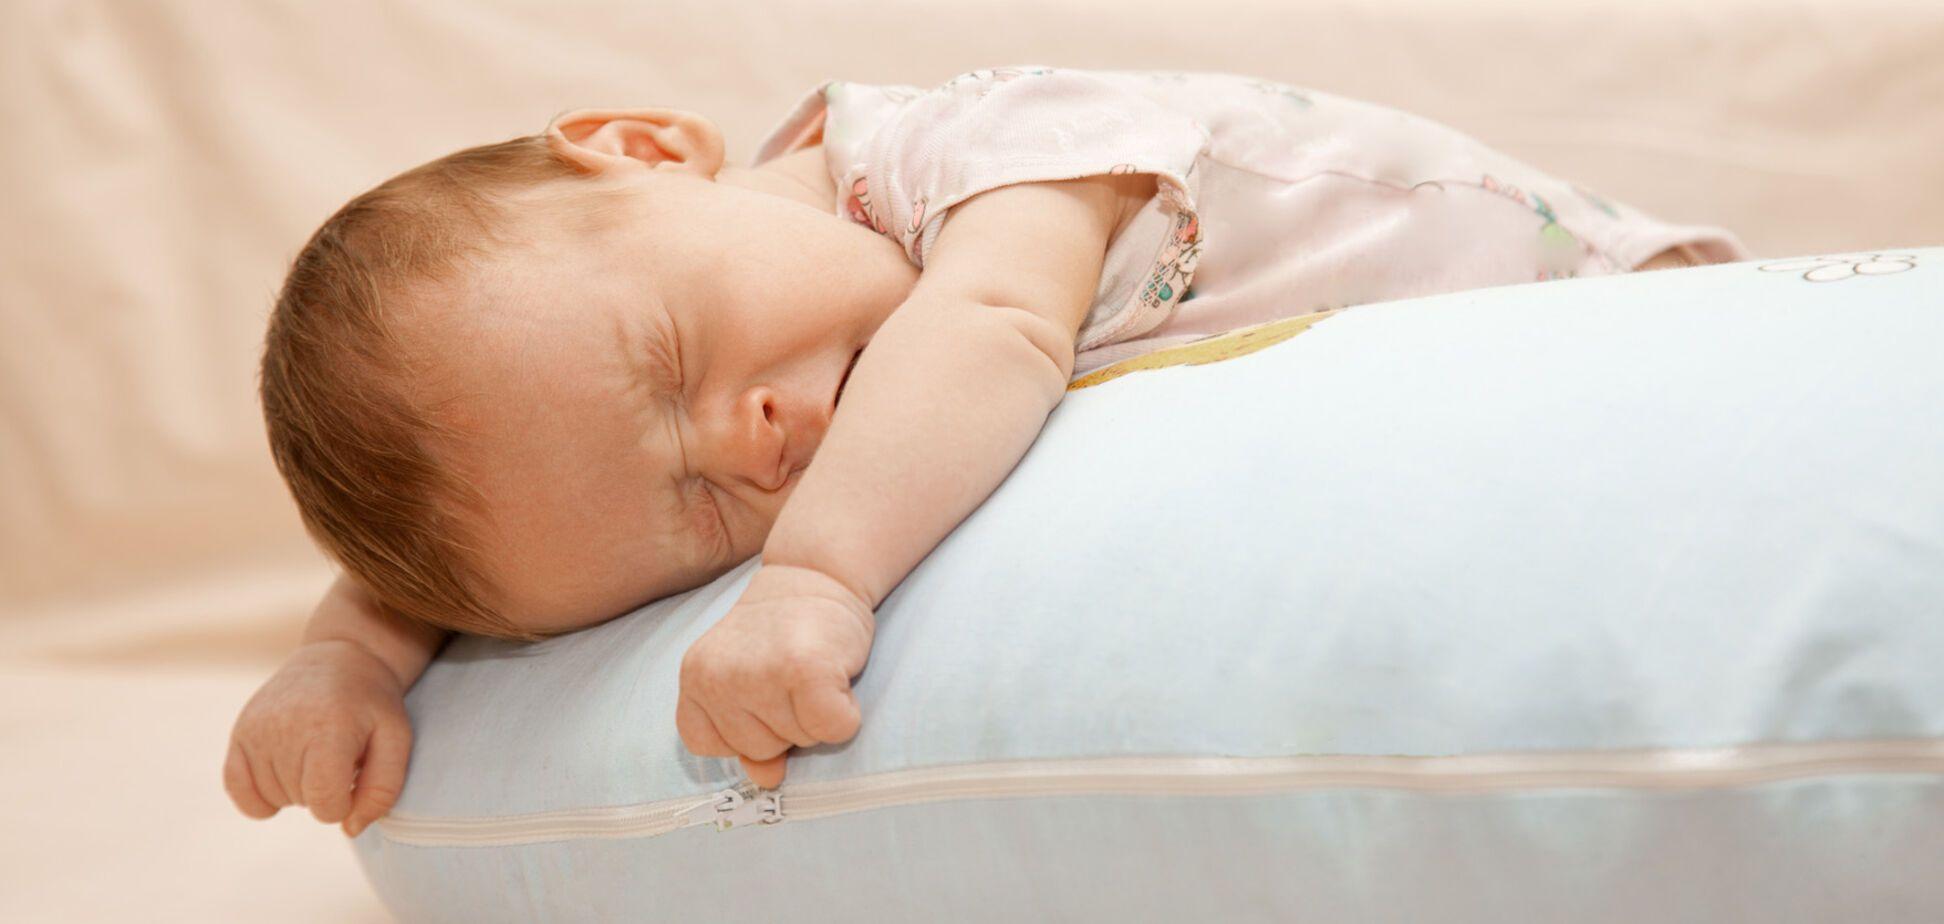 Невролог розповів, до яких смертельних захворювань призводить недолік сну